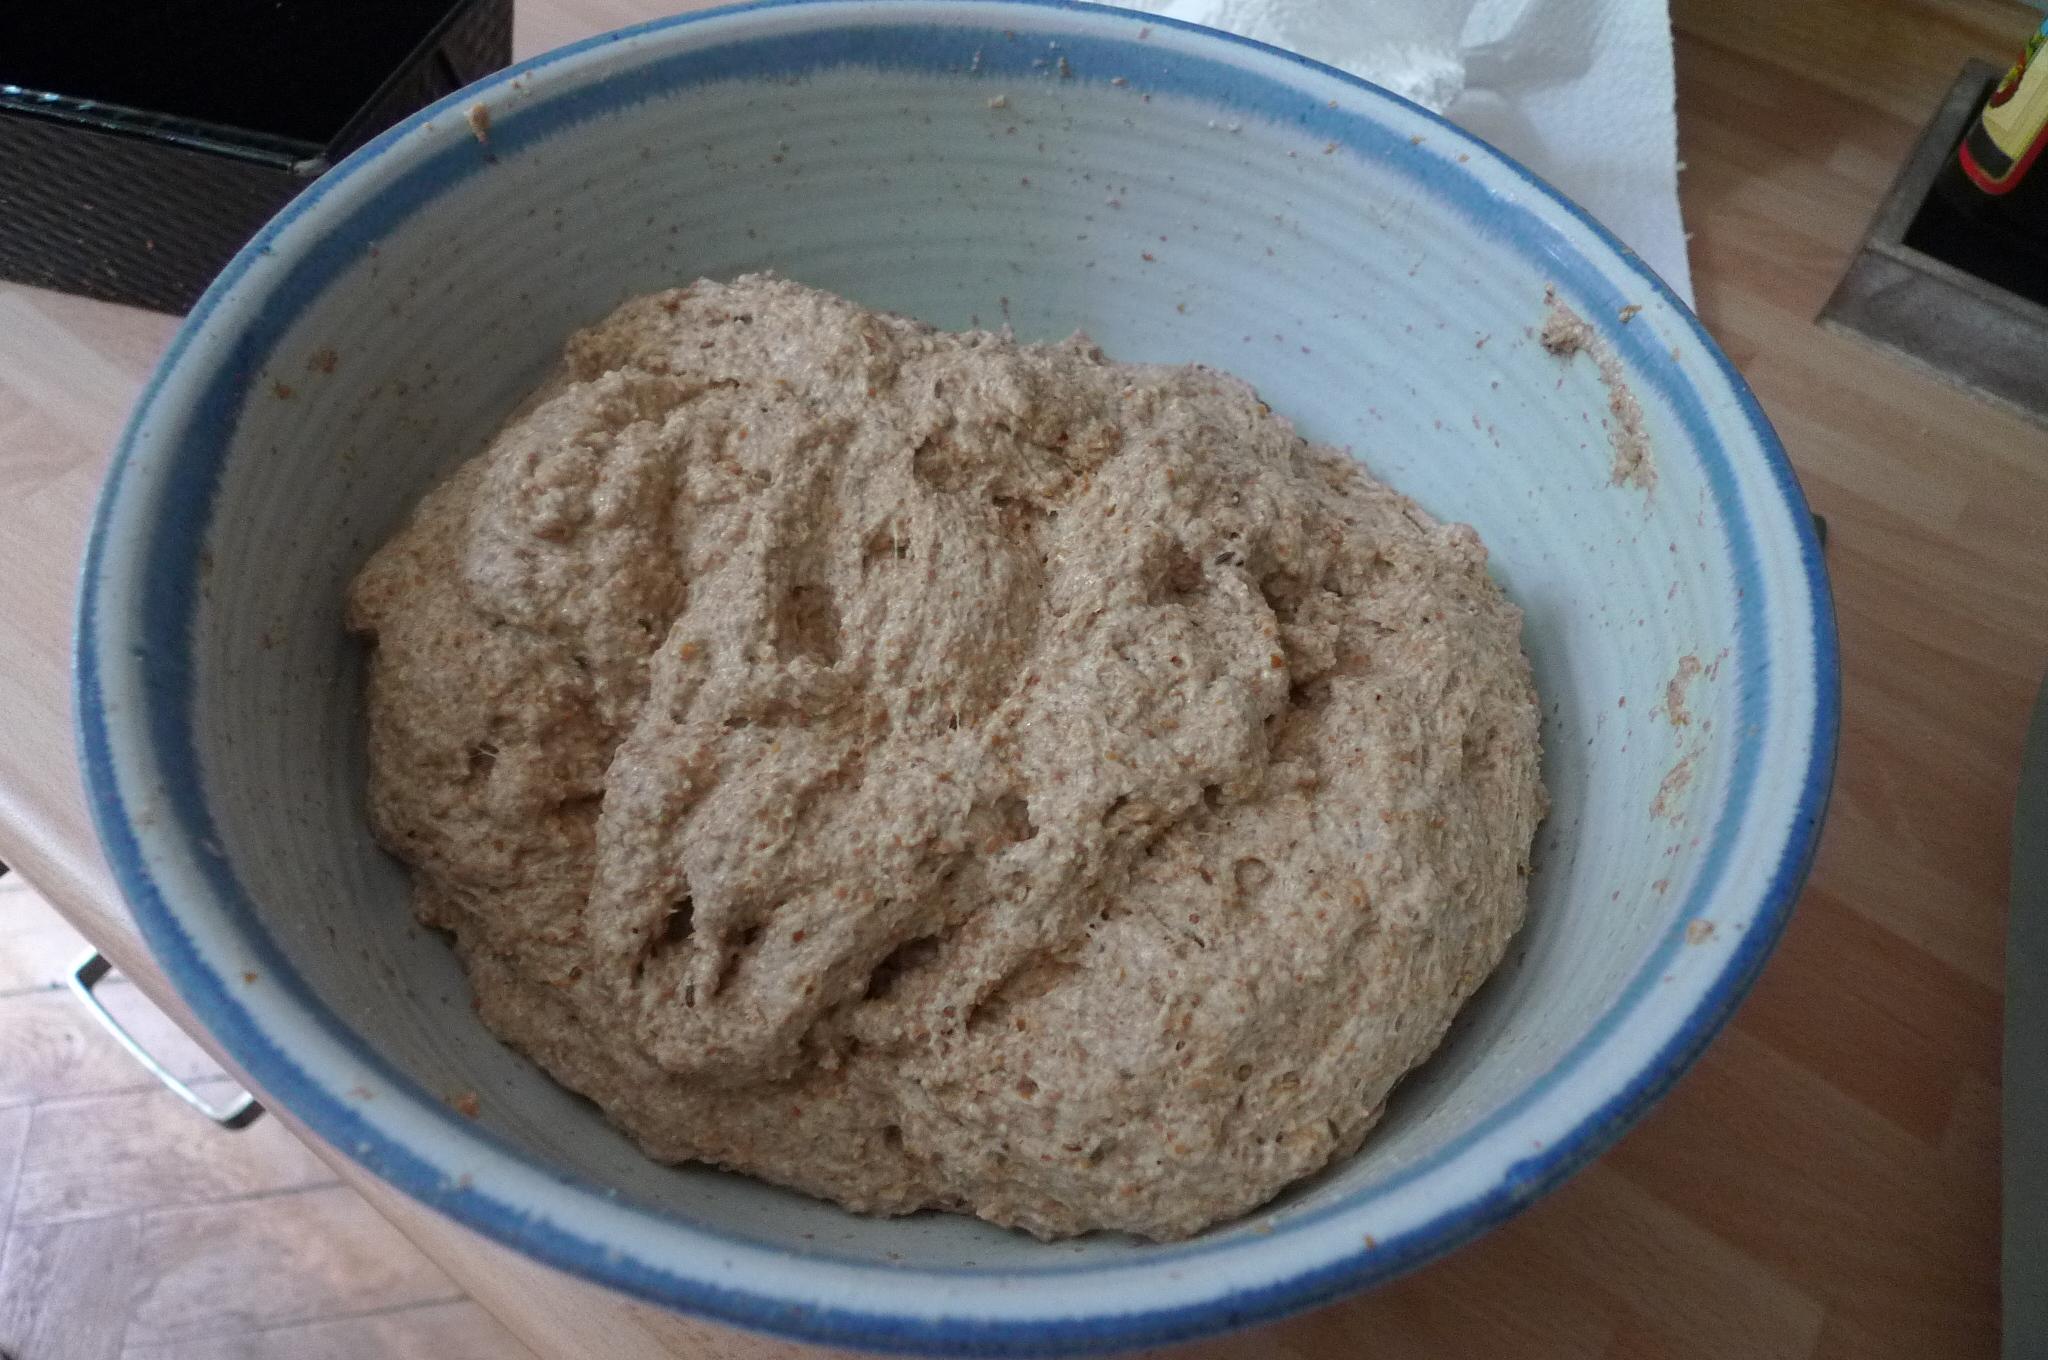 Weizenvollkornbrot mit Sauerteig-28.7.14   (2)